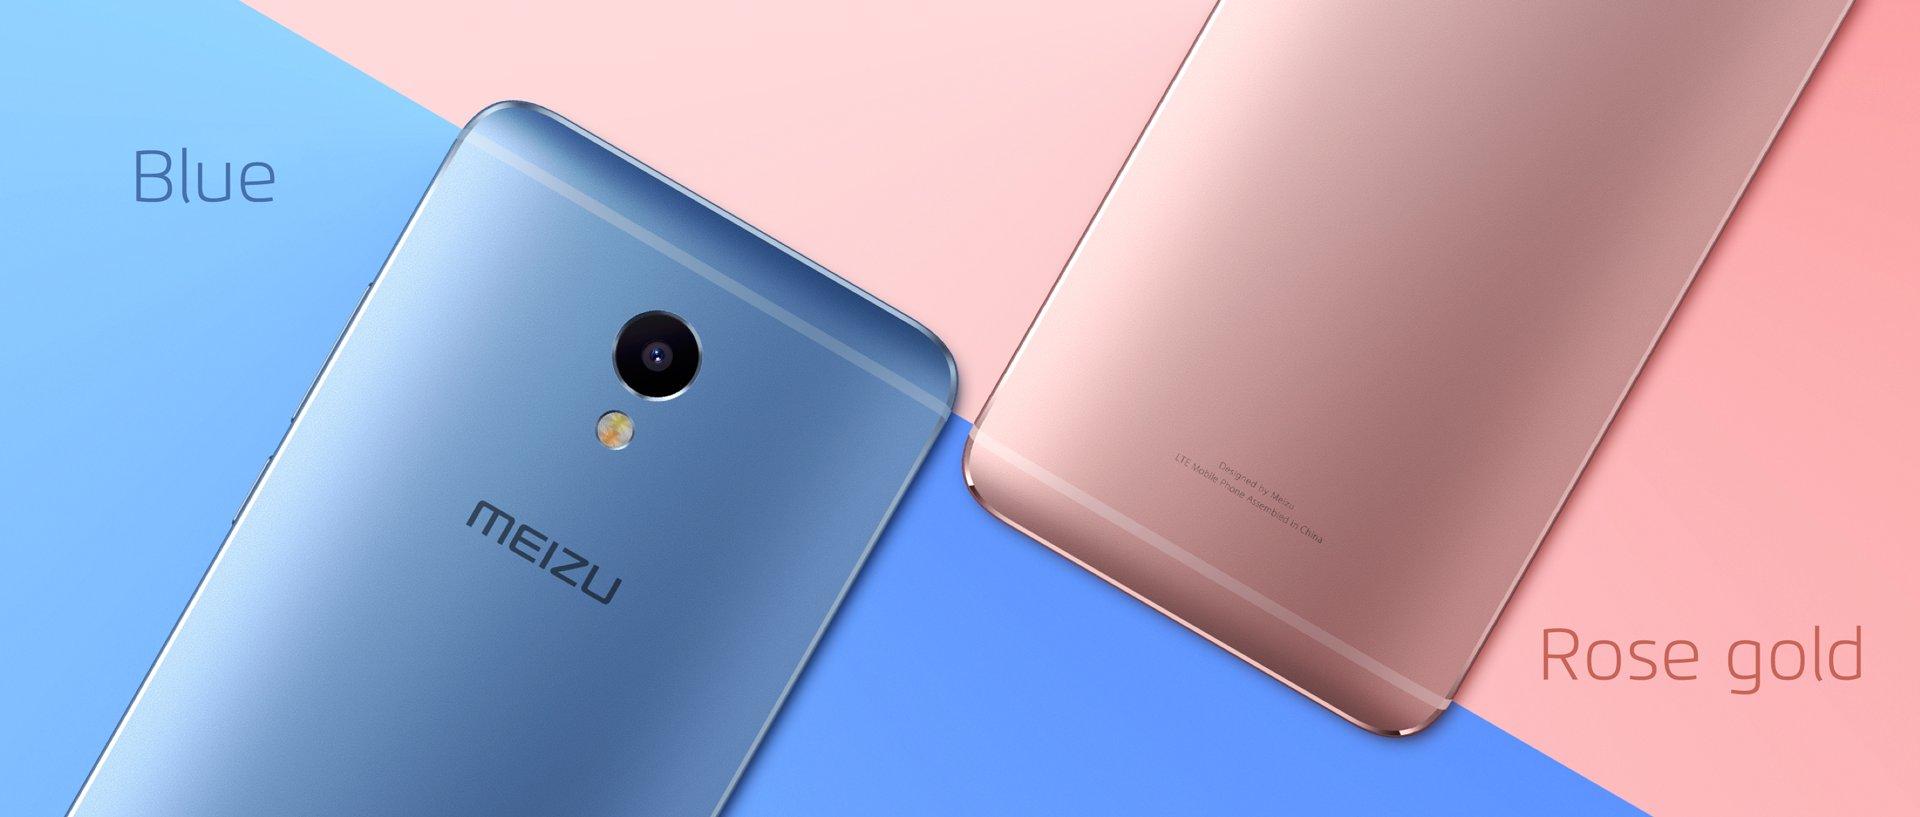 К концу года Meizu представит самый мощный флагман